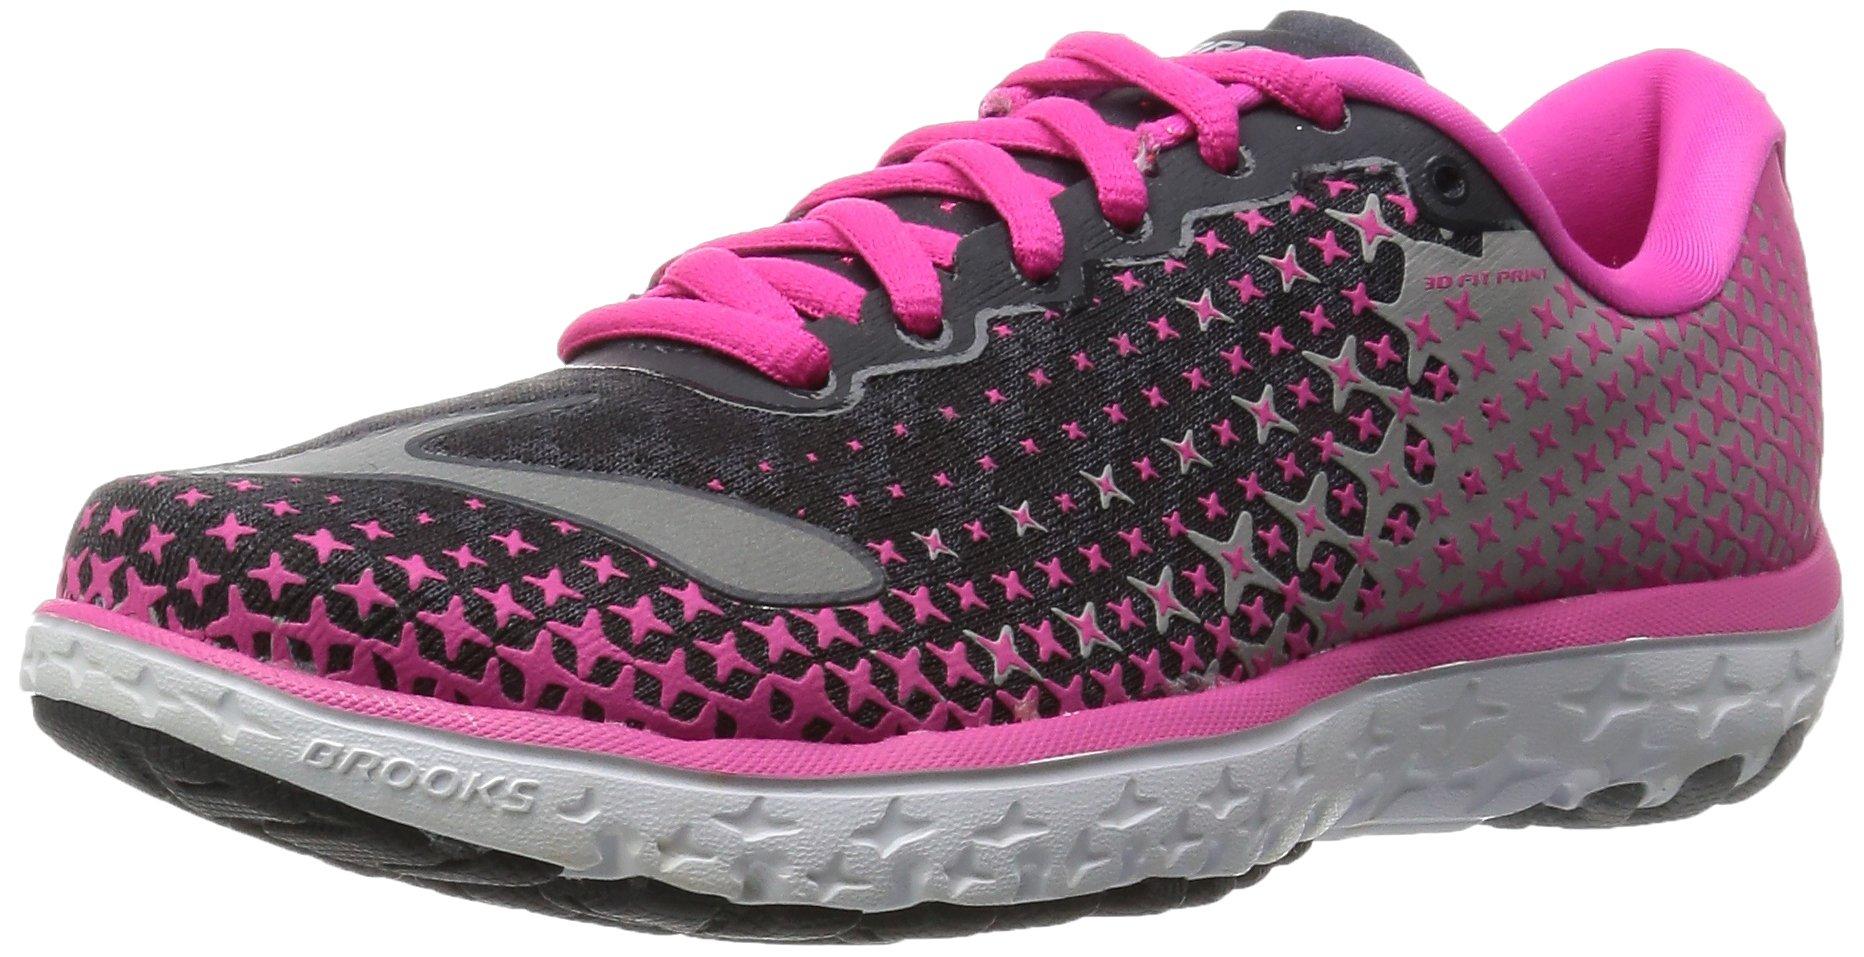 Women's PureFlow 5 Running Shoe - Buy